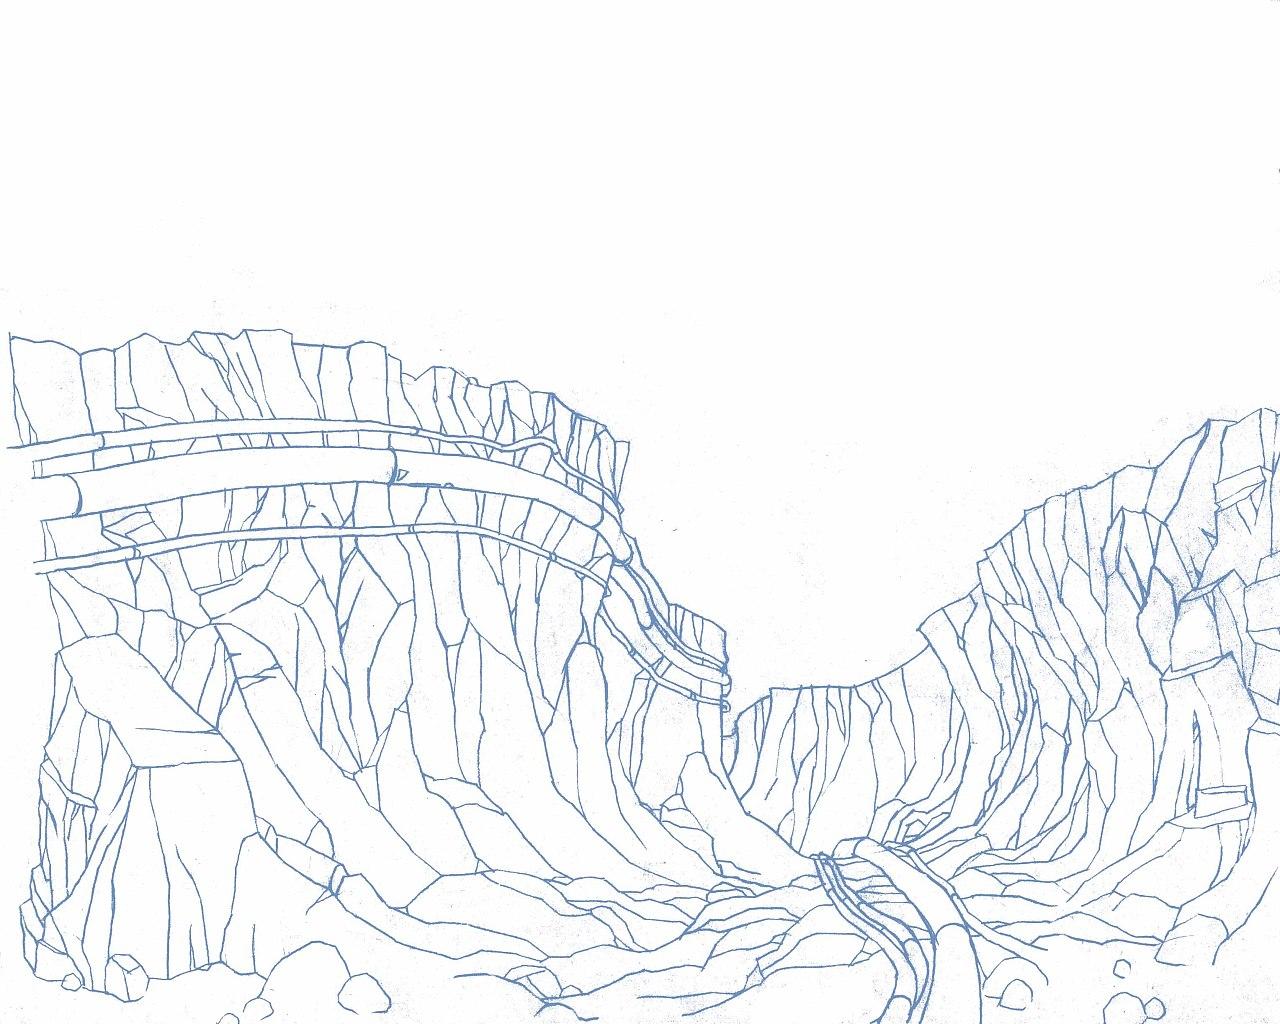 一些场景线稿|插画|插画习作|jamesqqq - 原创作品